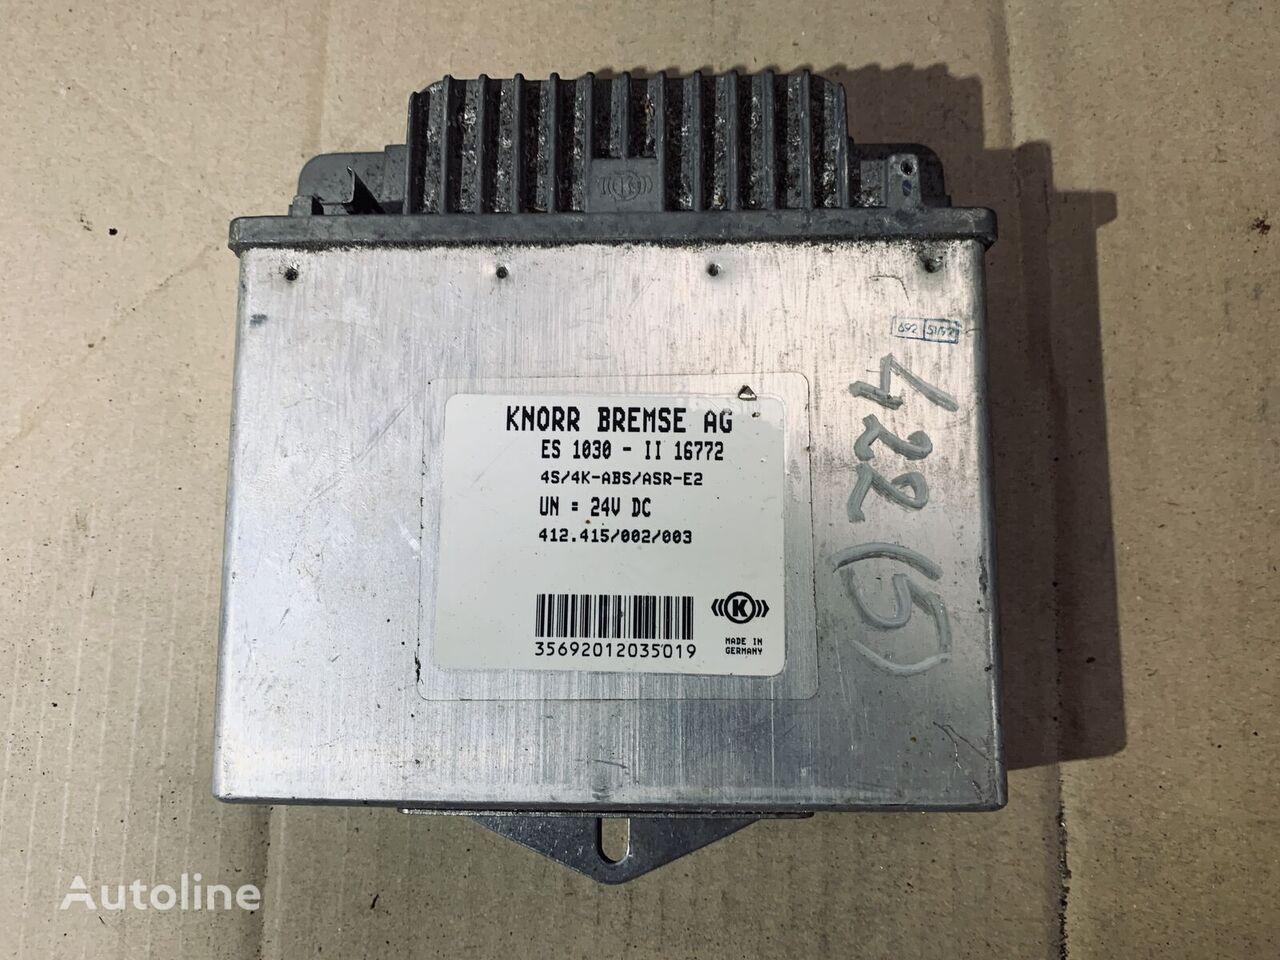 KNORR-BREMSE (412.415/002/003) unidad de control para camión